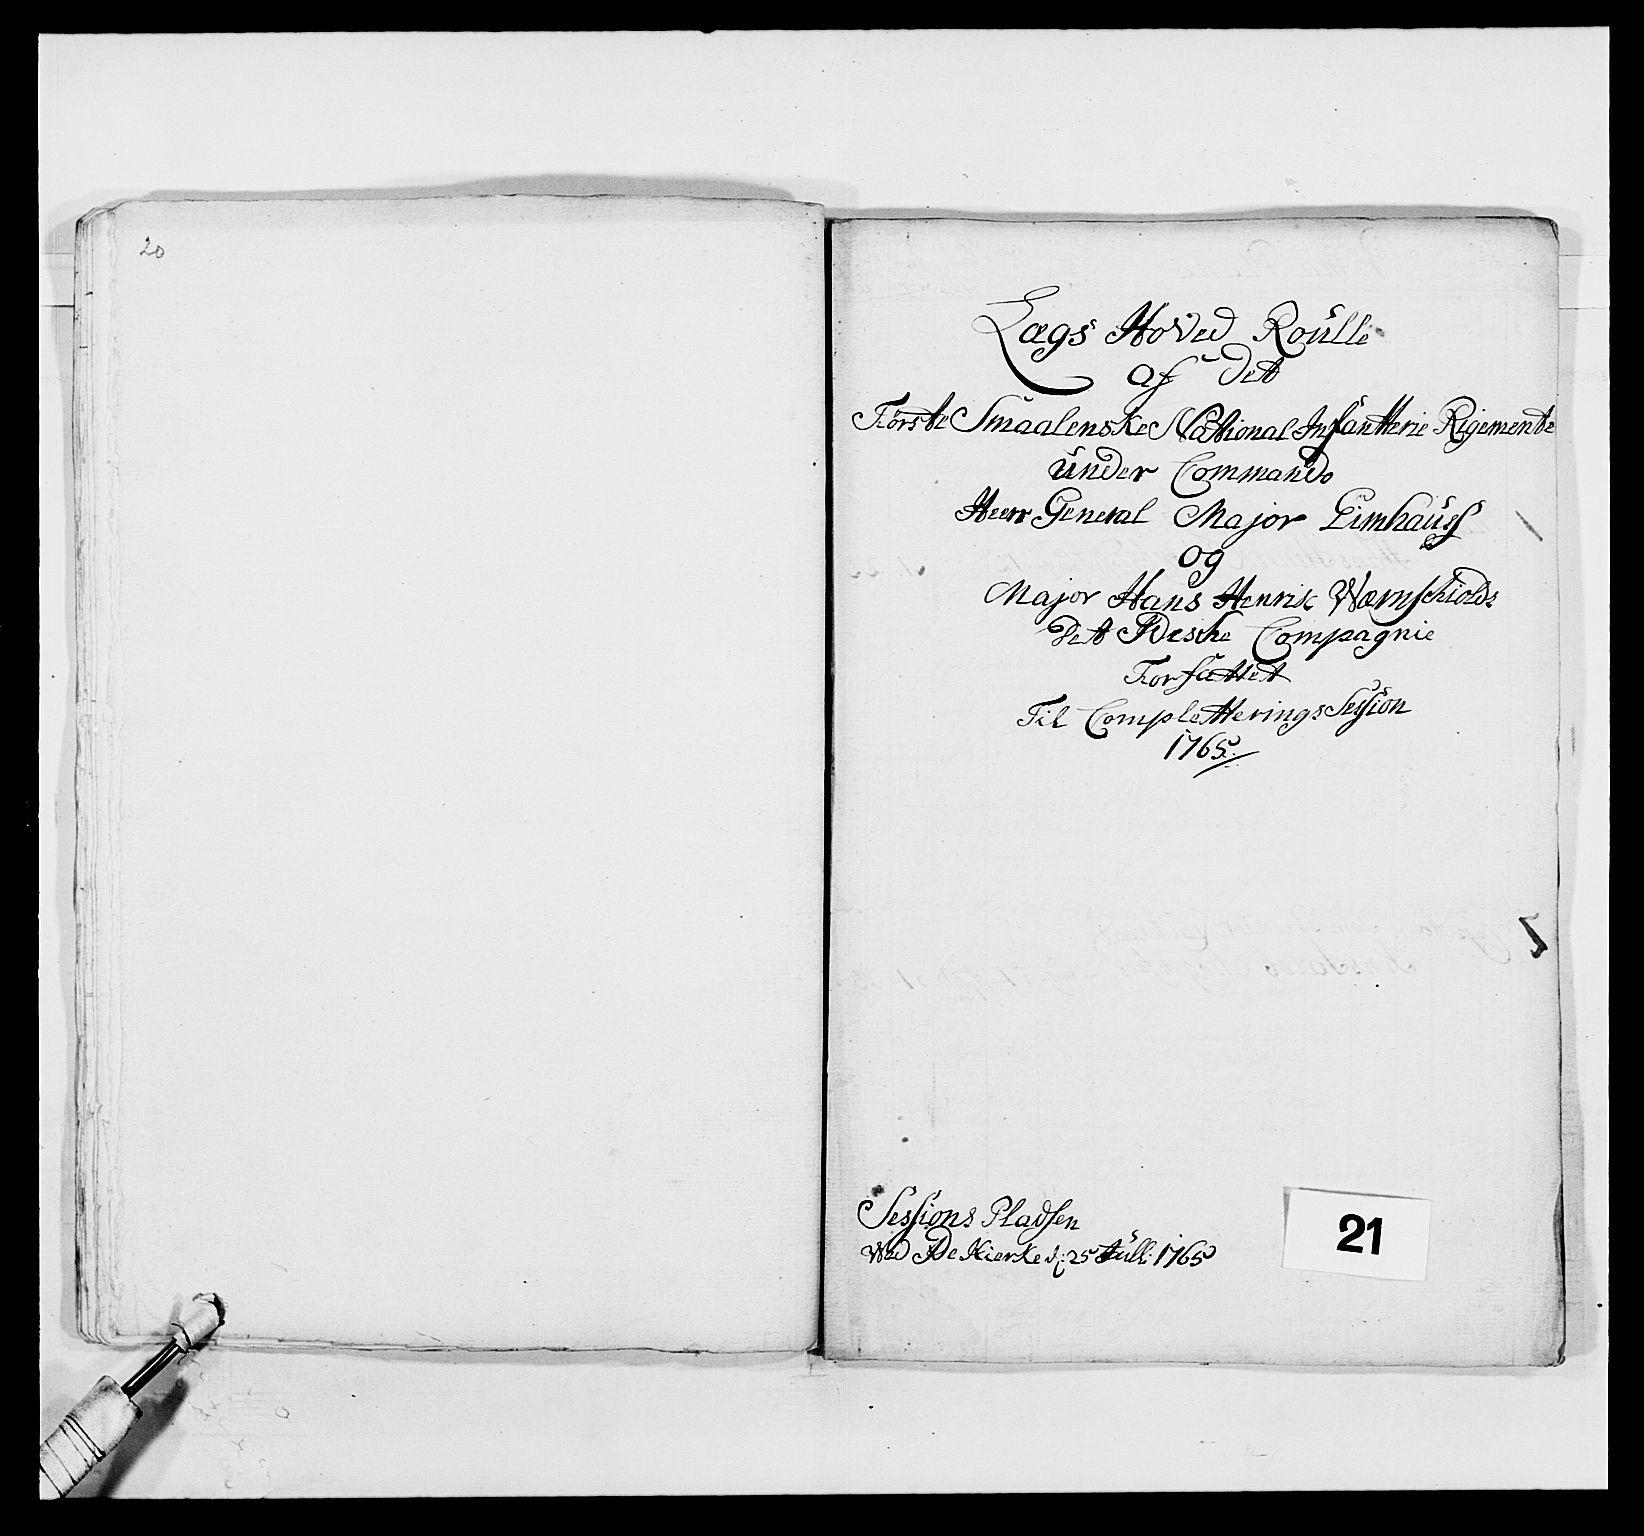 RA, Kommanderende general (KG I) med Det norske krigsdirektorium, E/Ea/L0496: 1. Smålenske regiment, 1765-1767, s. 357